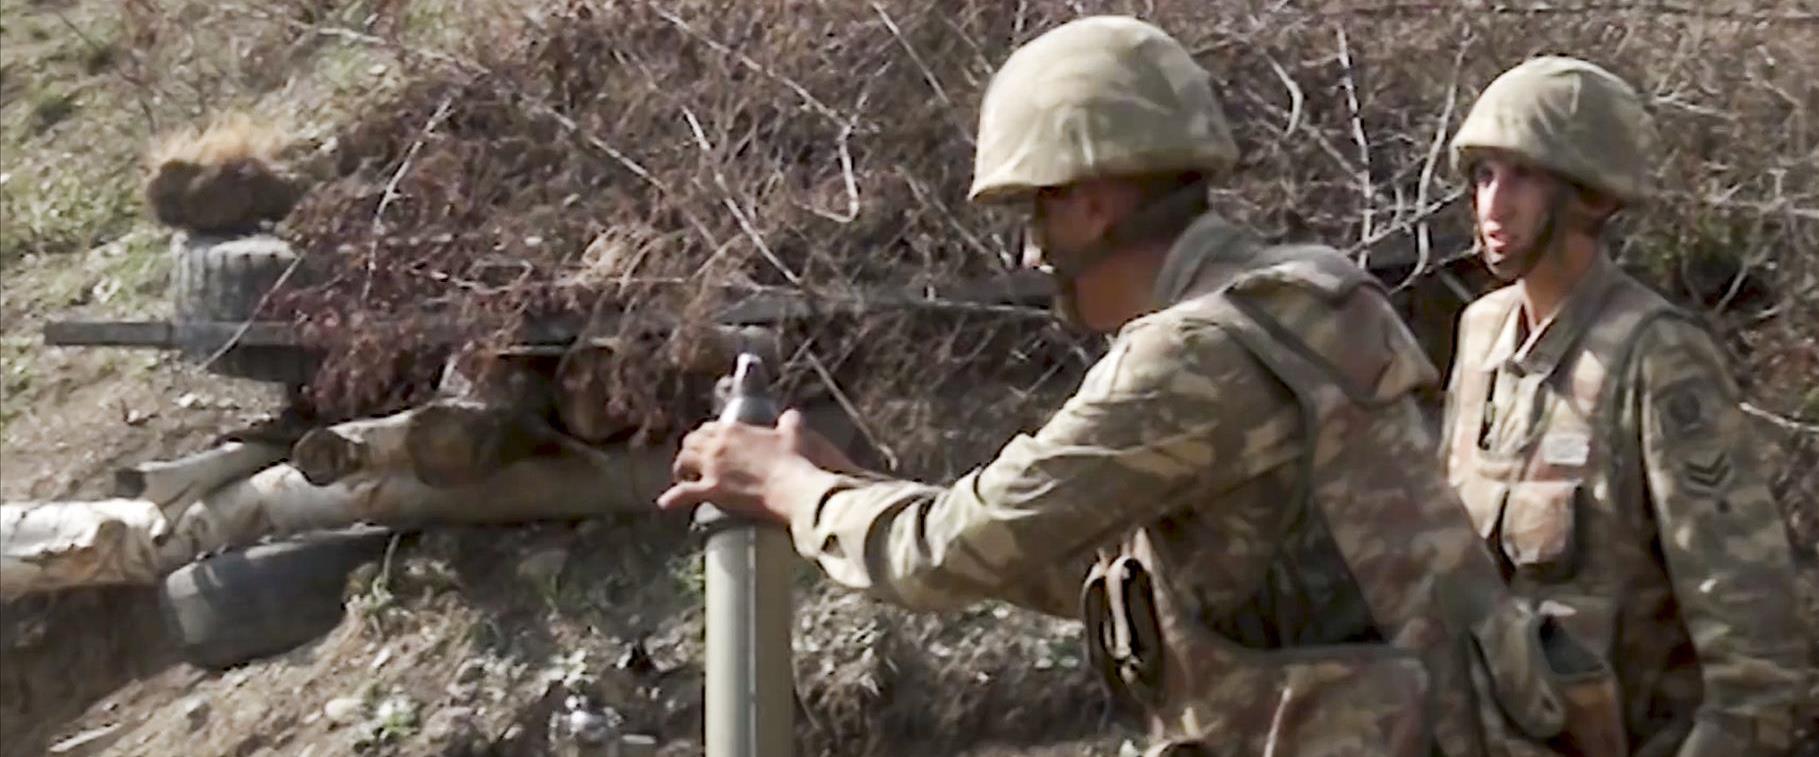 חיילים אזרים בקרבות בנגורנו-קרבאך, סוף ספטמבר 2020